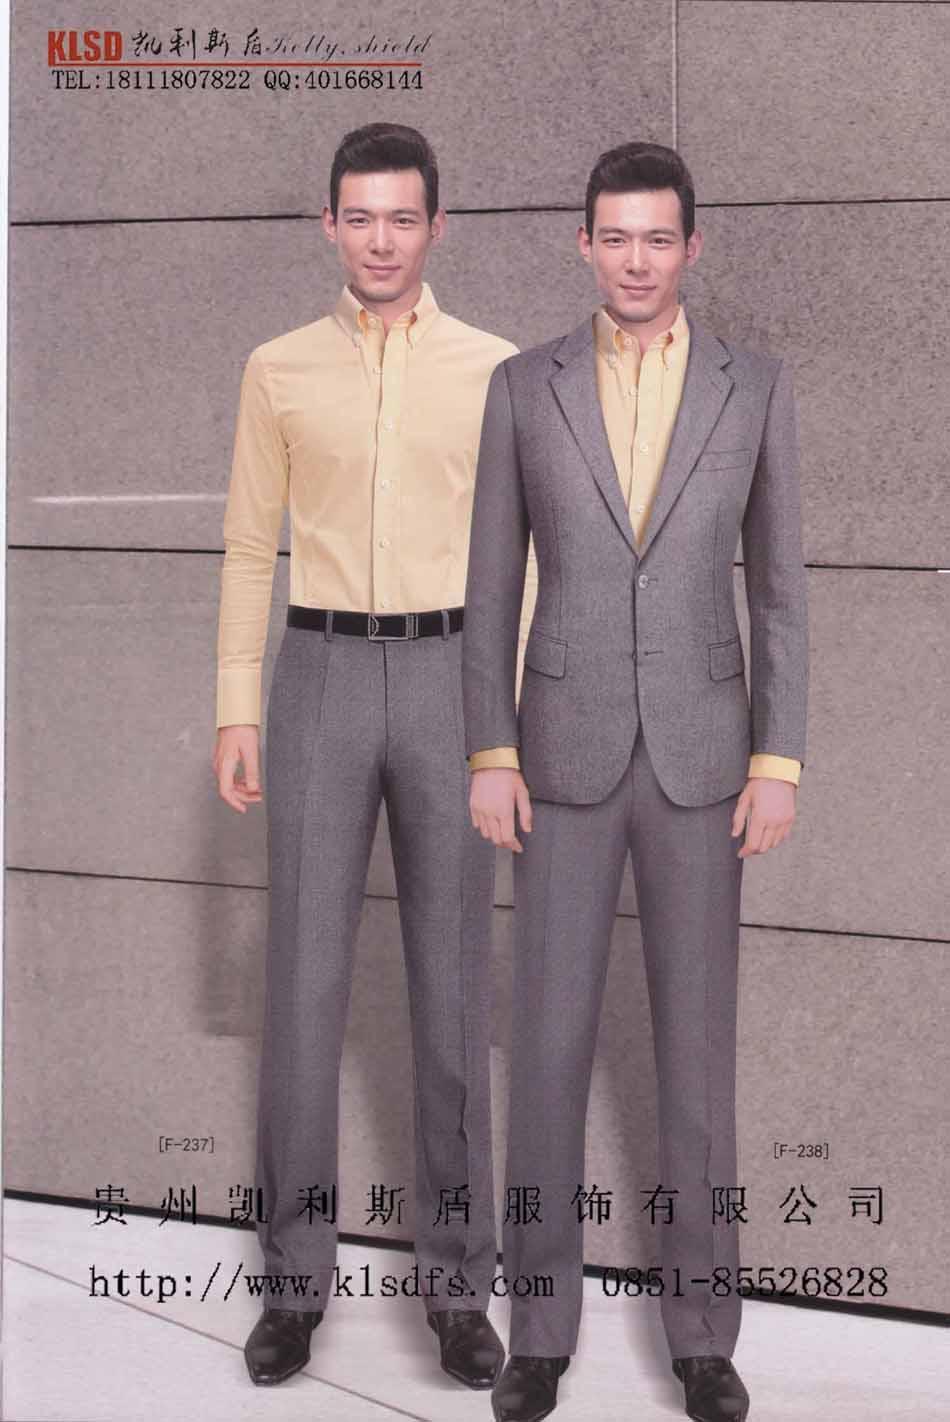 价位合理的高级男装供应,就在贵州凯利斯盾 高级男装市场行情